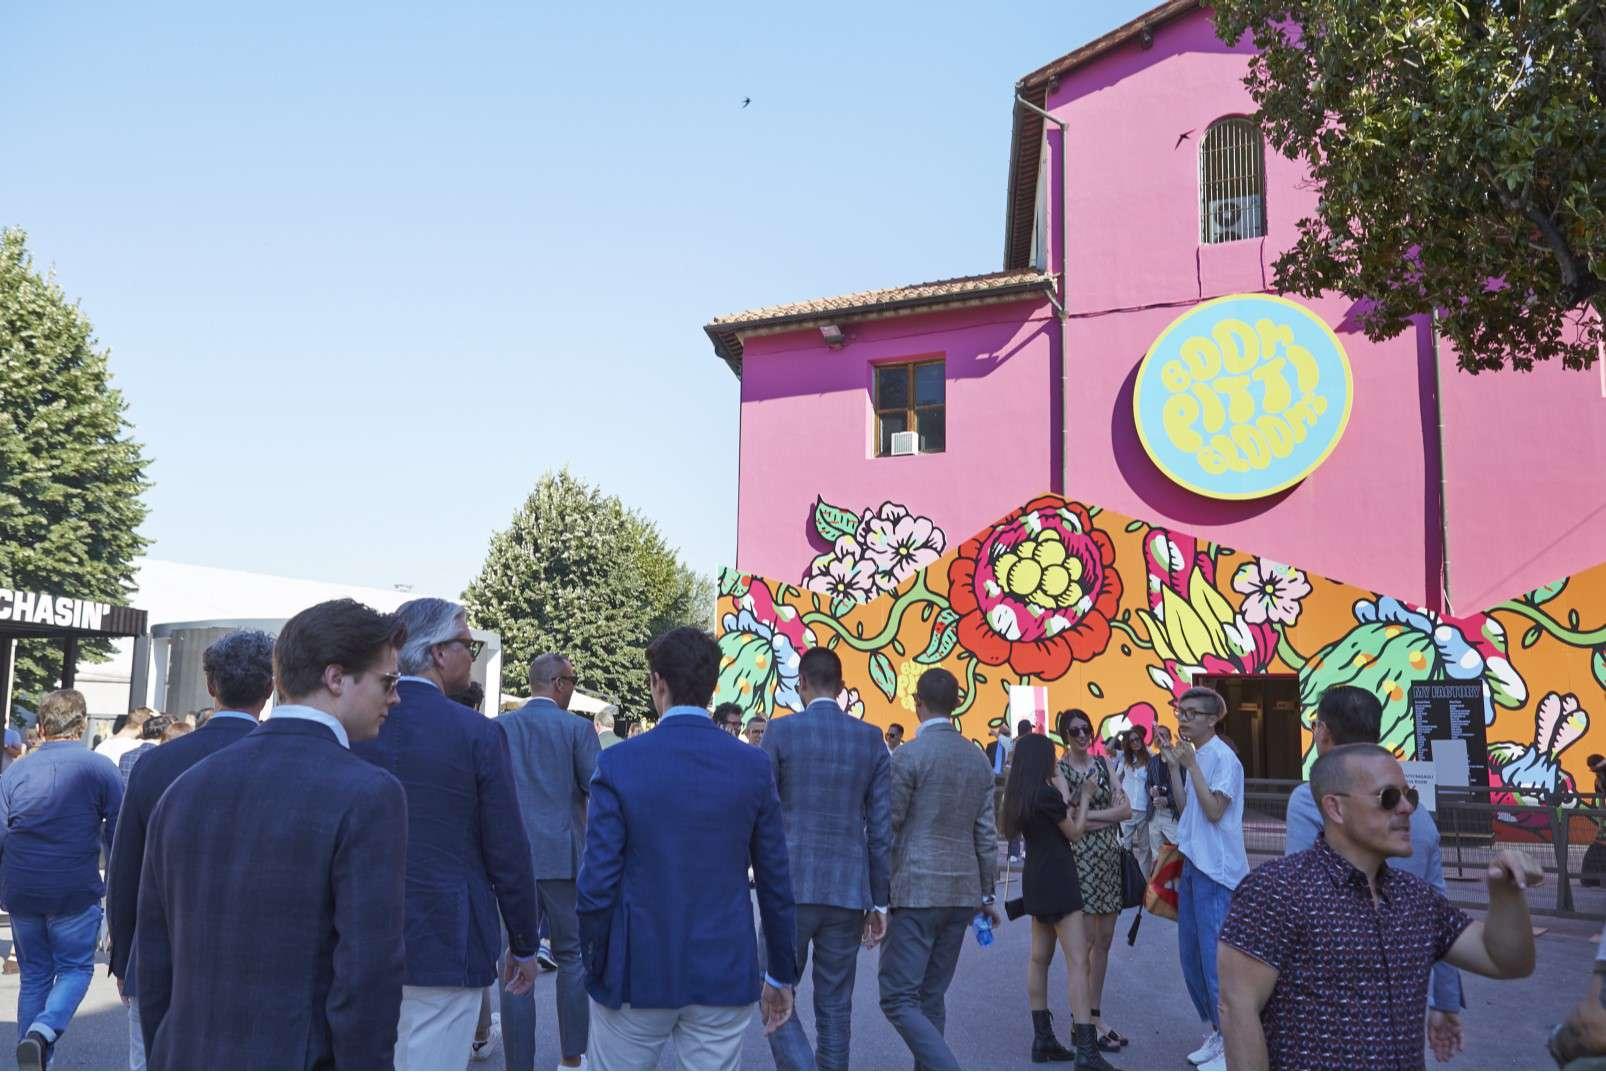 Pitti Immagine Uomo, 12-15 June 2018